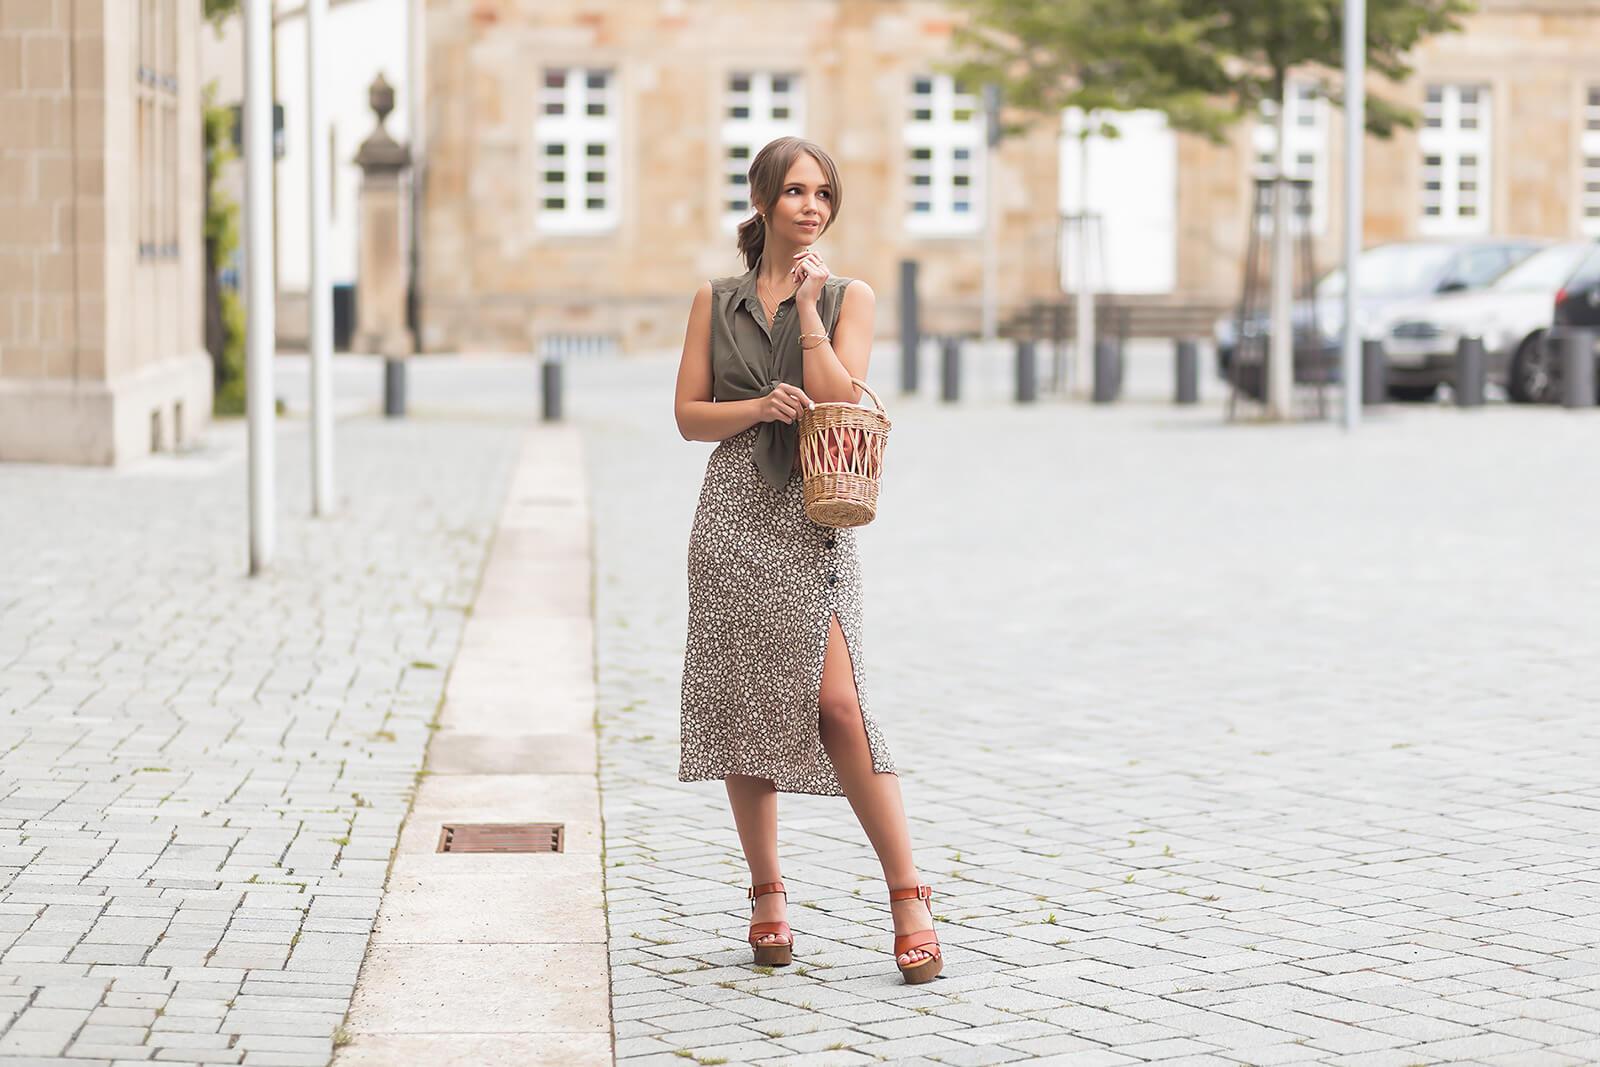 Plateau Sandalen richtig stylen, Sommeroutfit mit Midirock und Sandalen, Schuhtrend für den Sommer, Shoelove by Deichmann